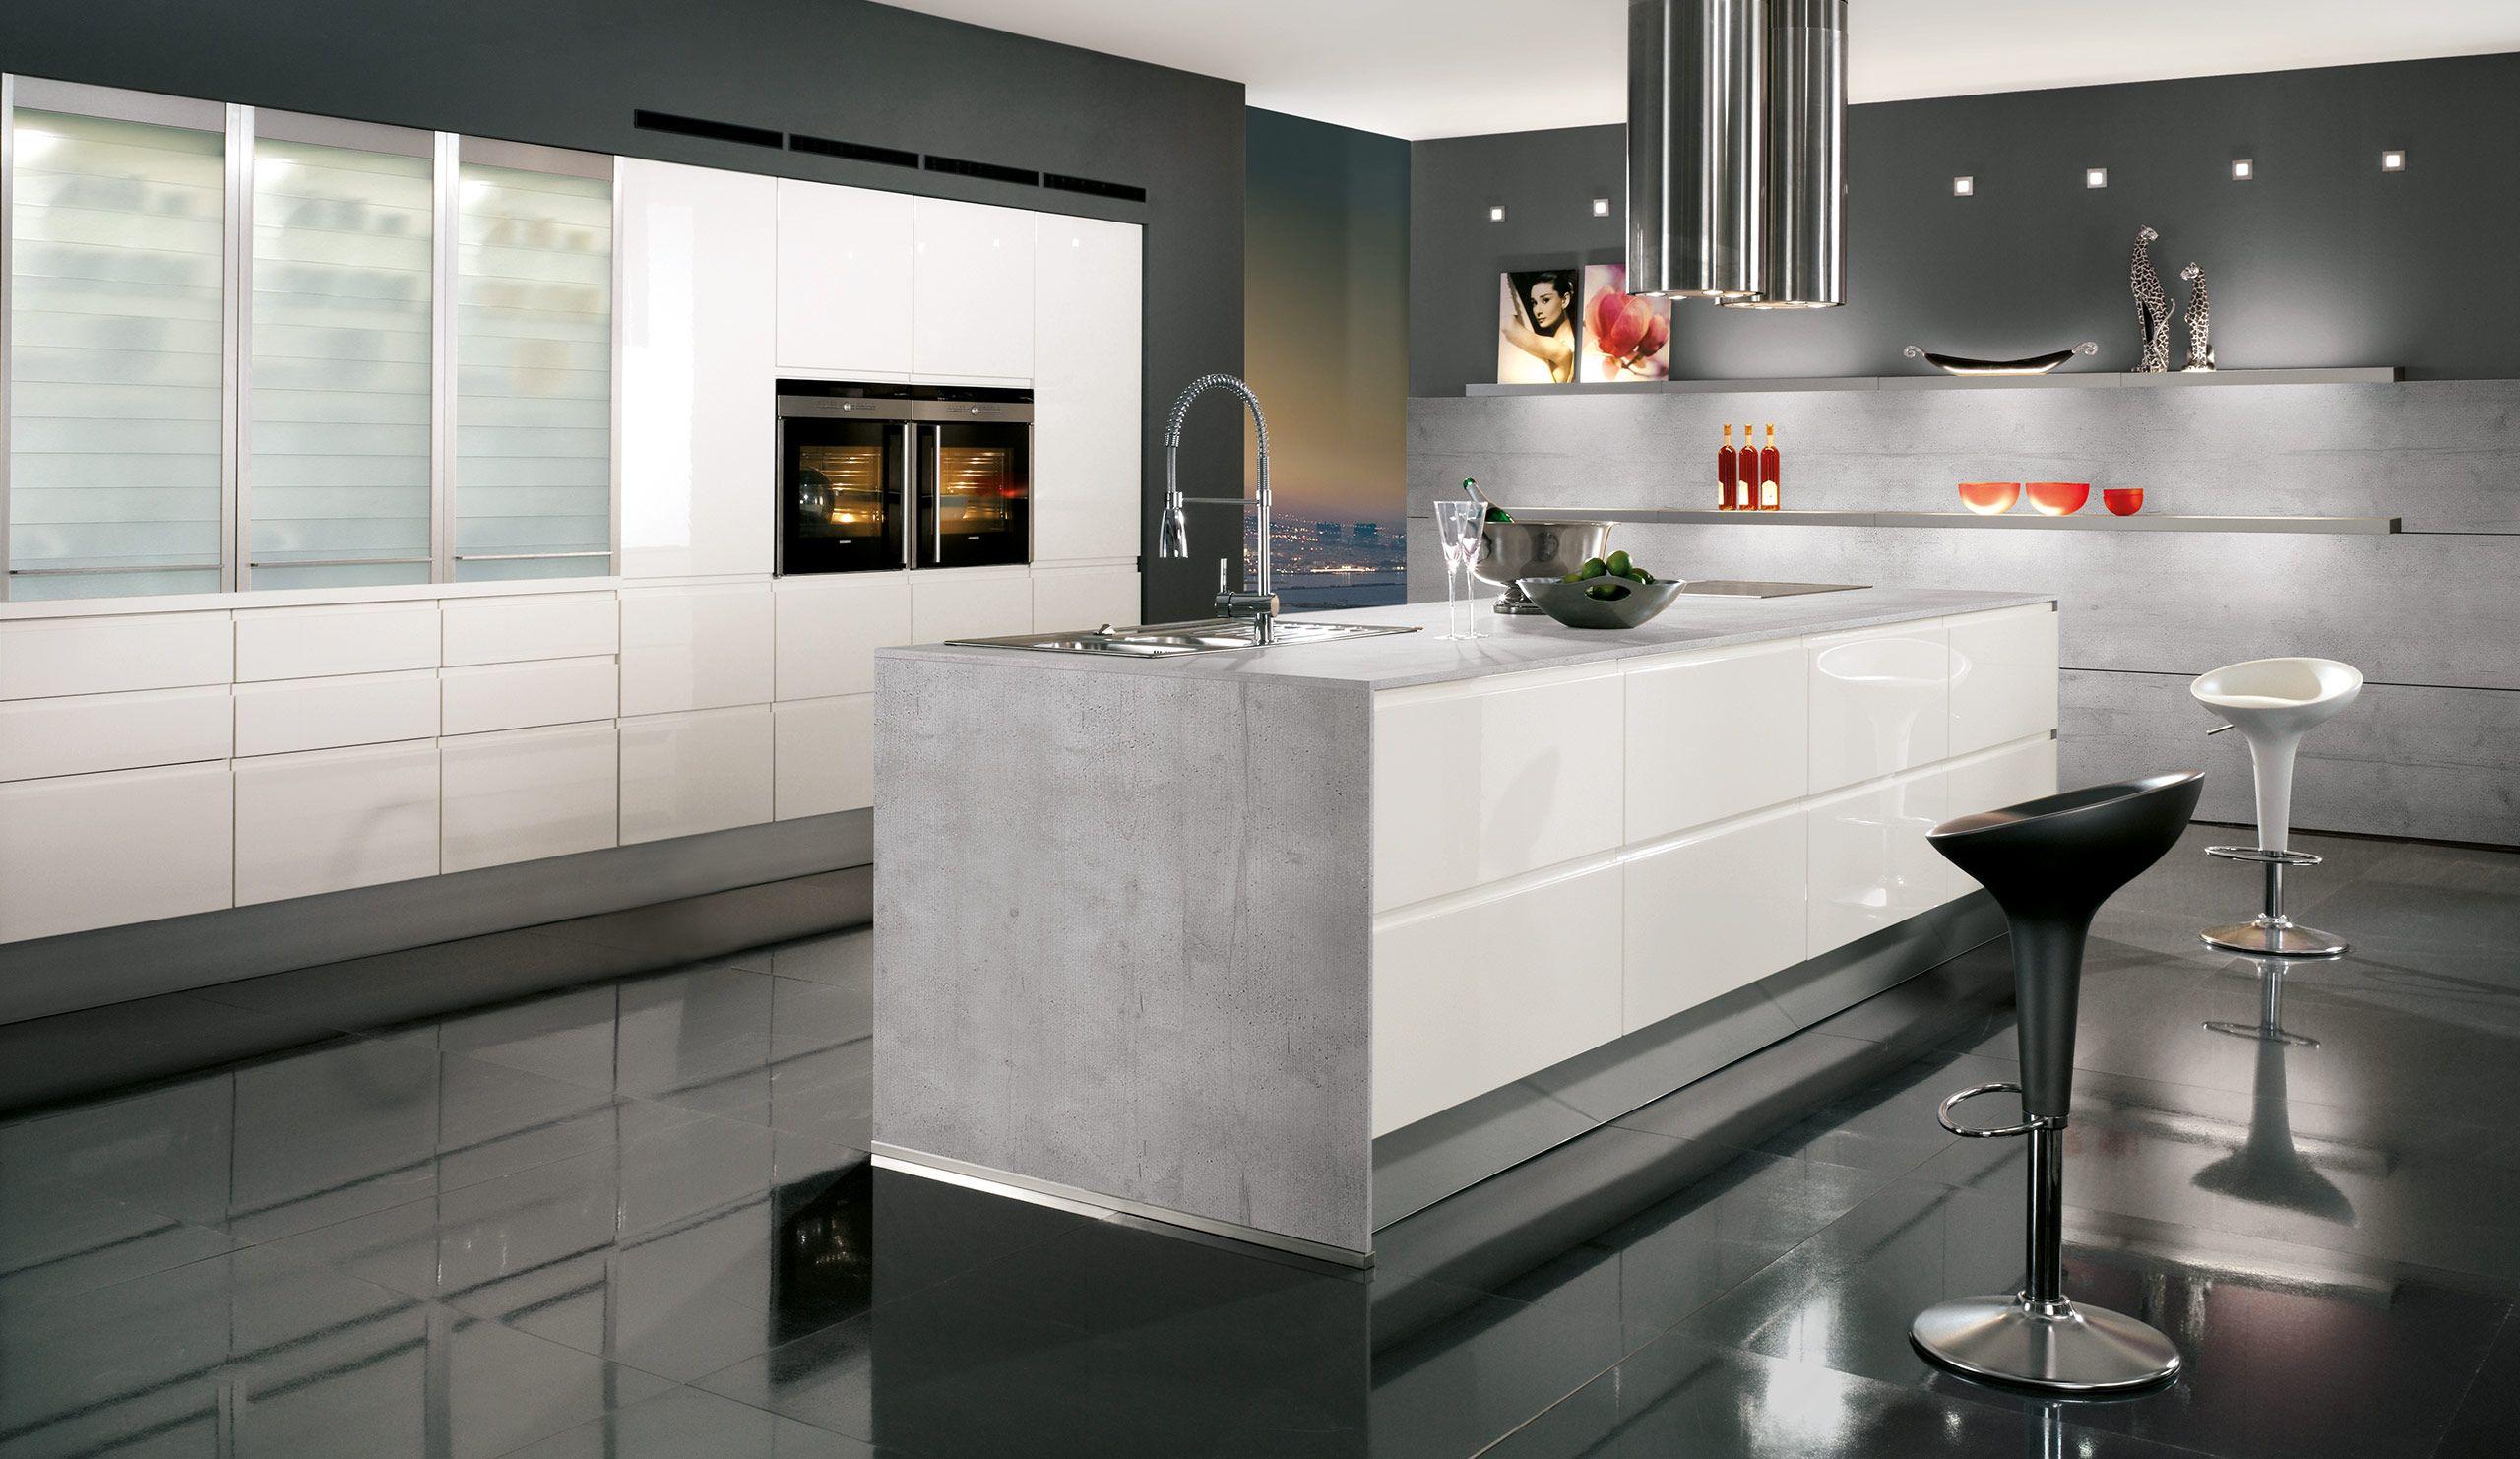 Einbauküche Norina 9917 Weiß Hochglanz Lack | Home - Kitchen ...